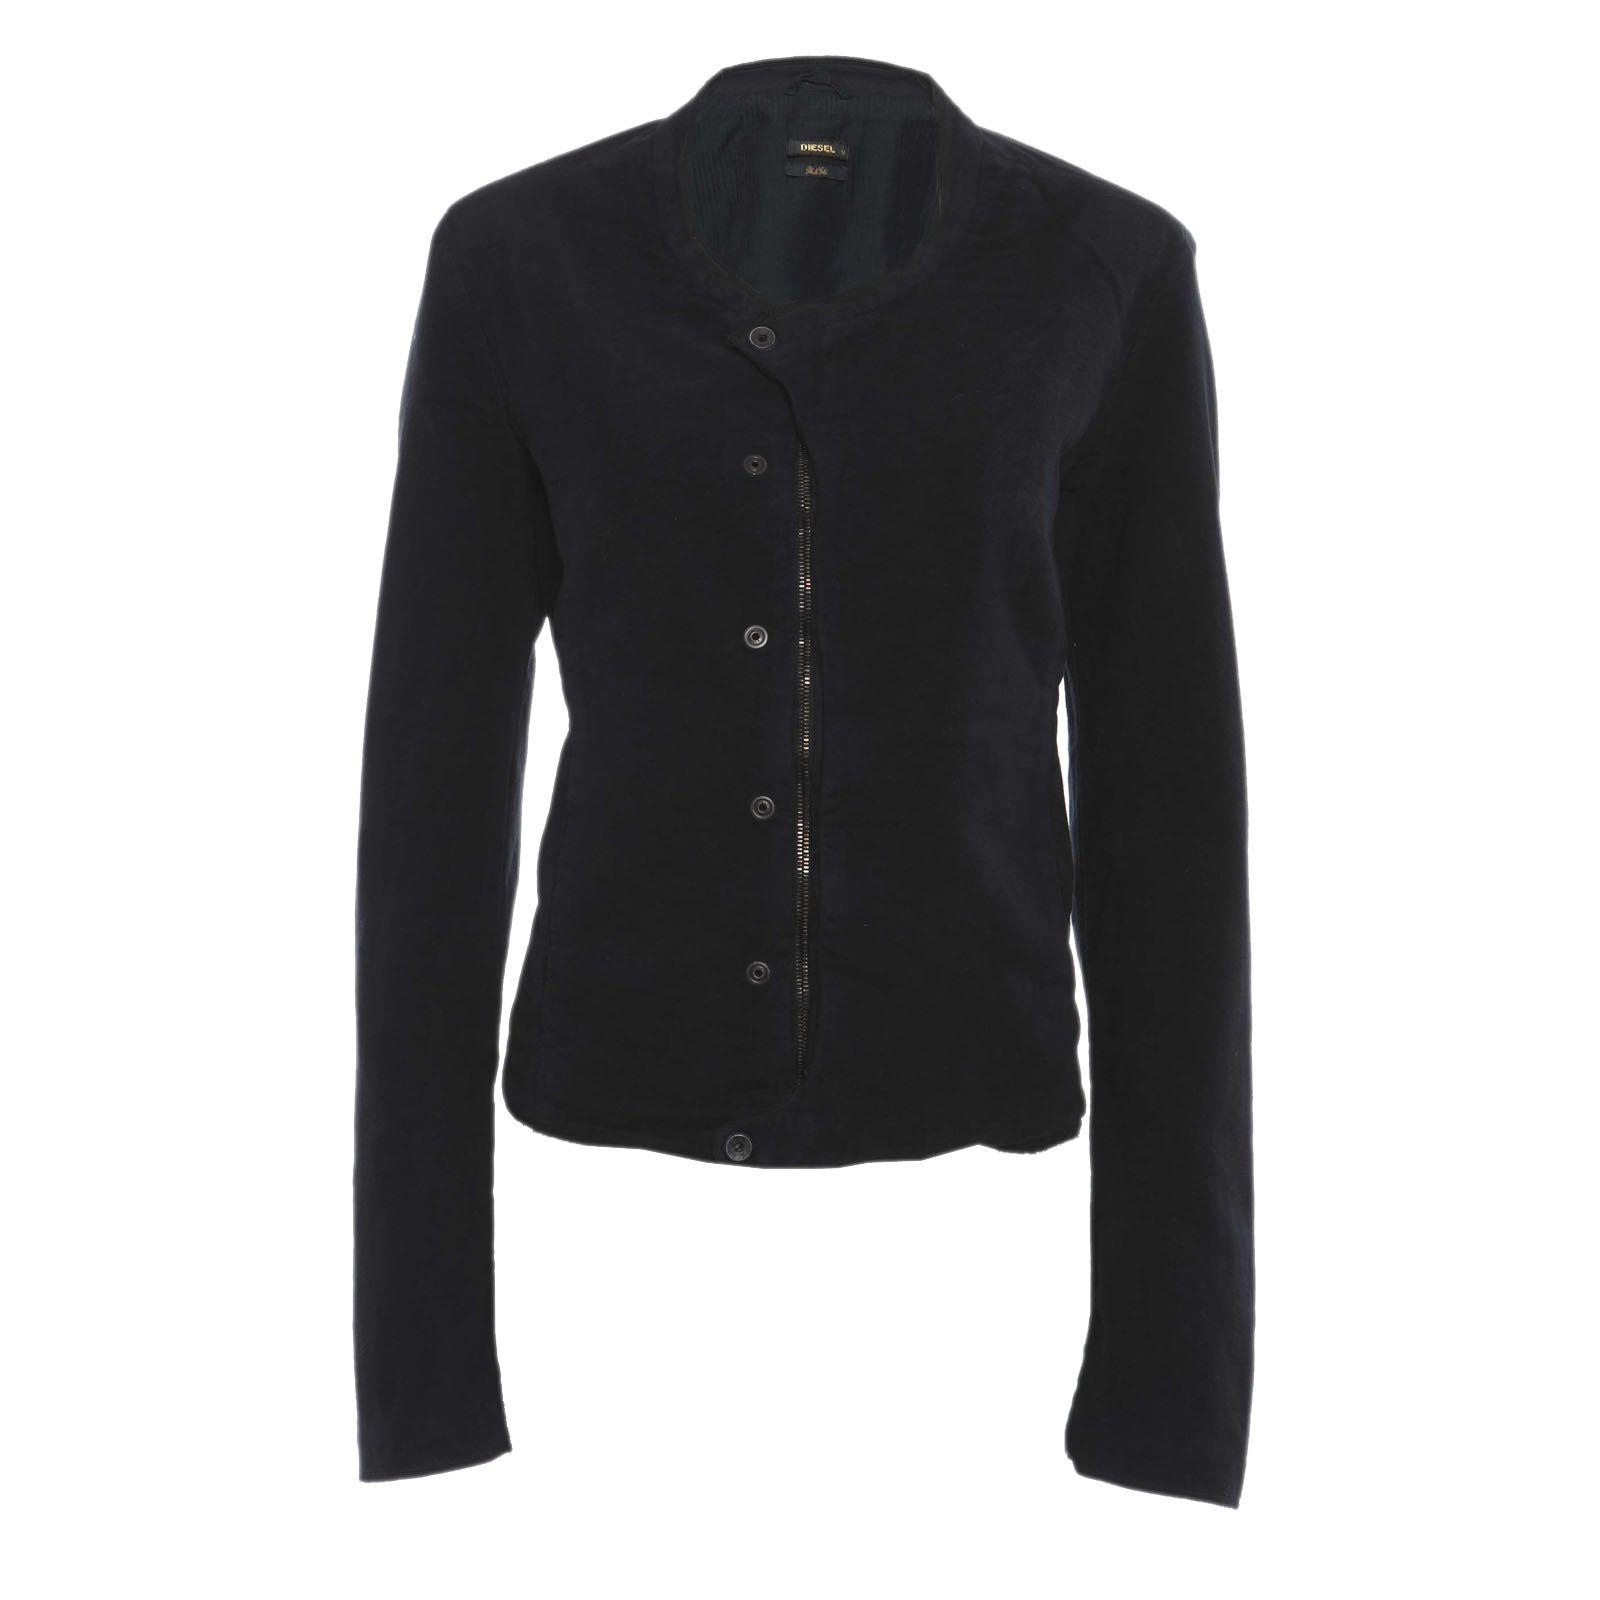 Veste femme brandalley diesel veste en velours ghepet noire prix 69 00 euros ventes pas - Cafe velours noir pas cher ...